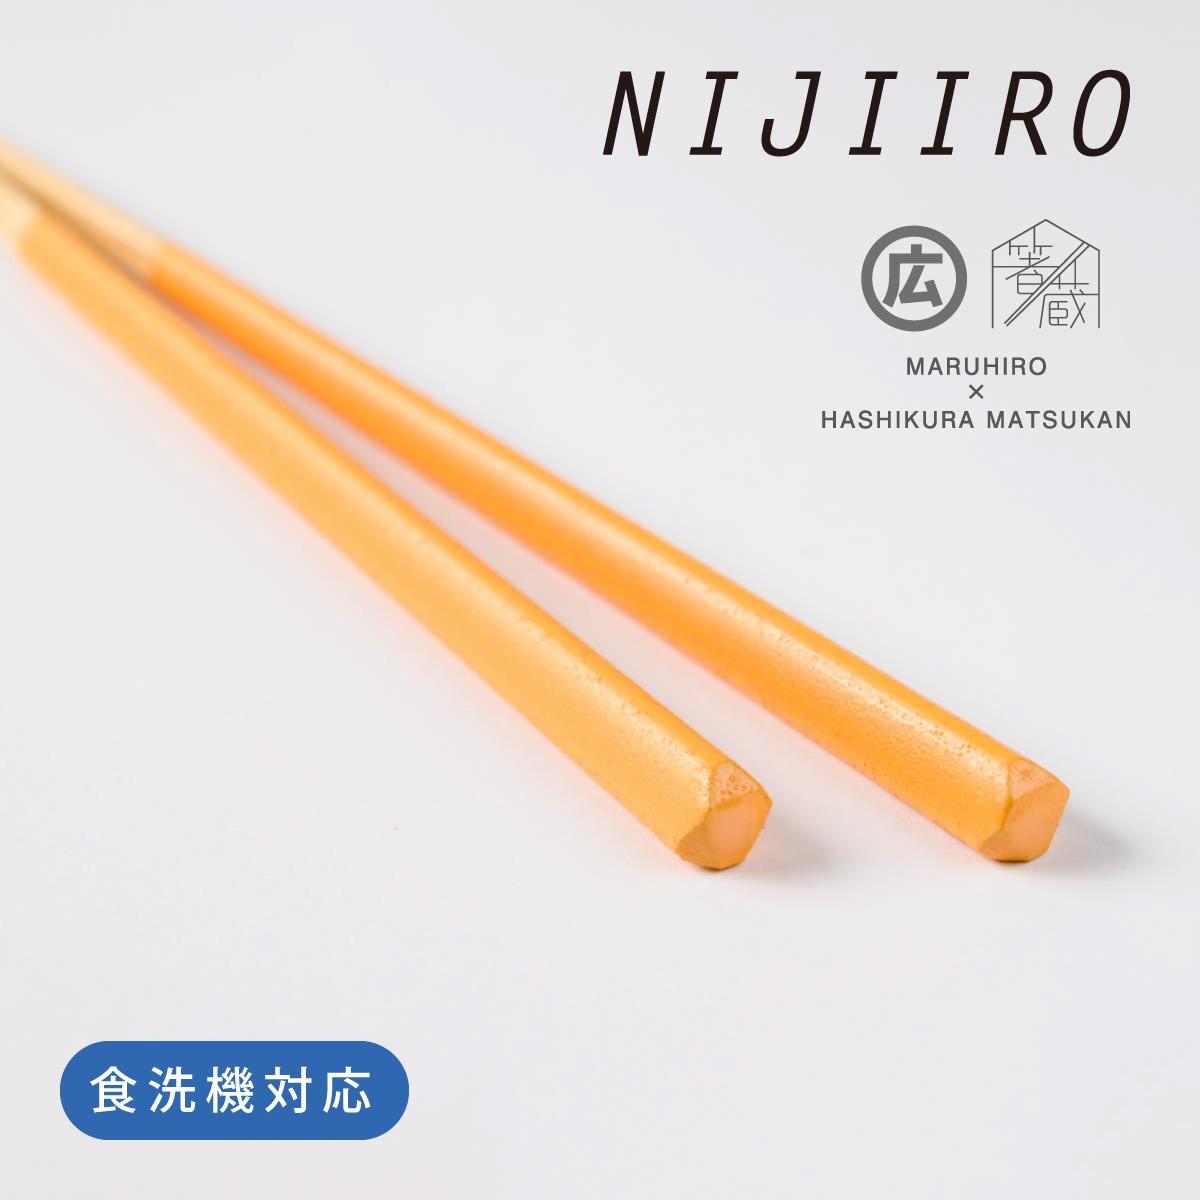 虹色箸 オレンジ